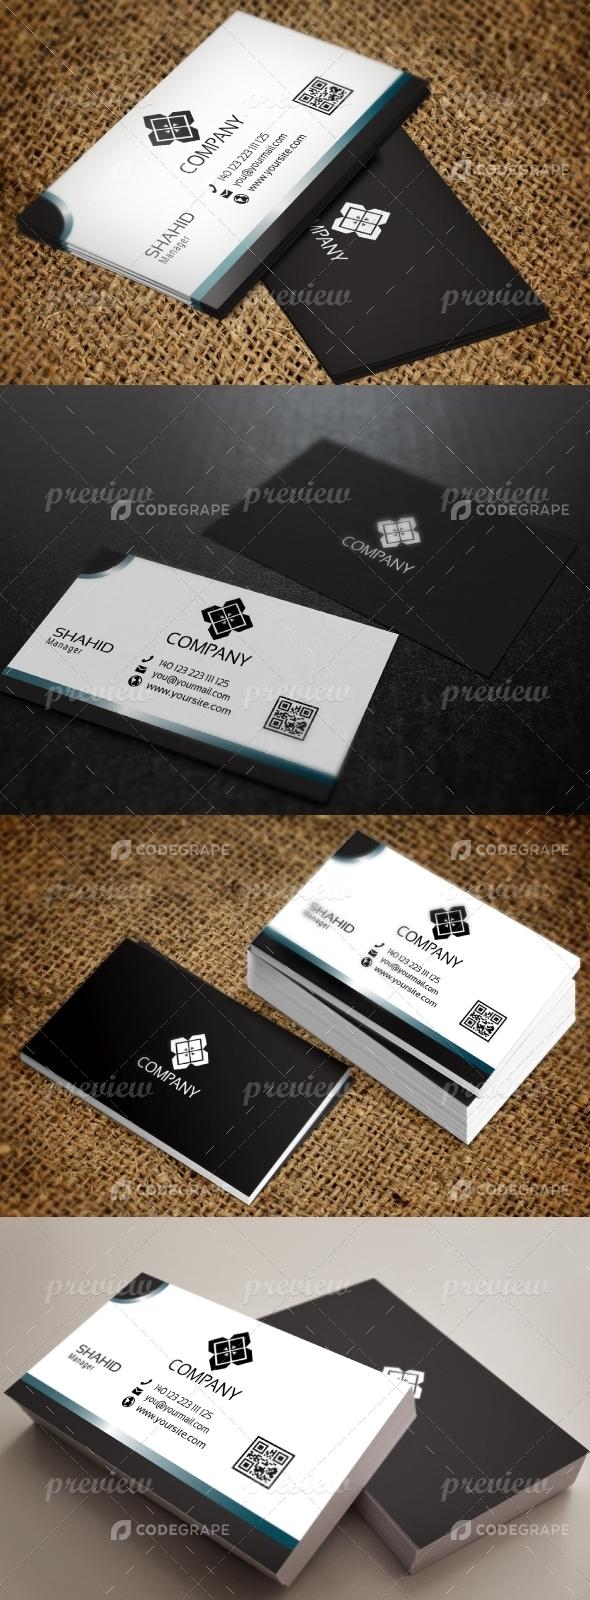 Jabbi V13 Business Card Design